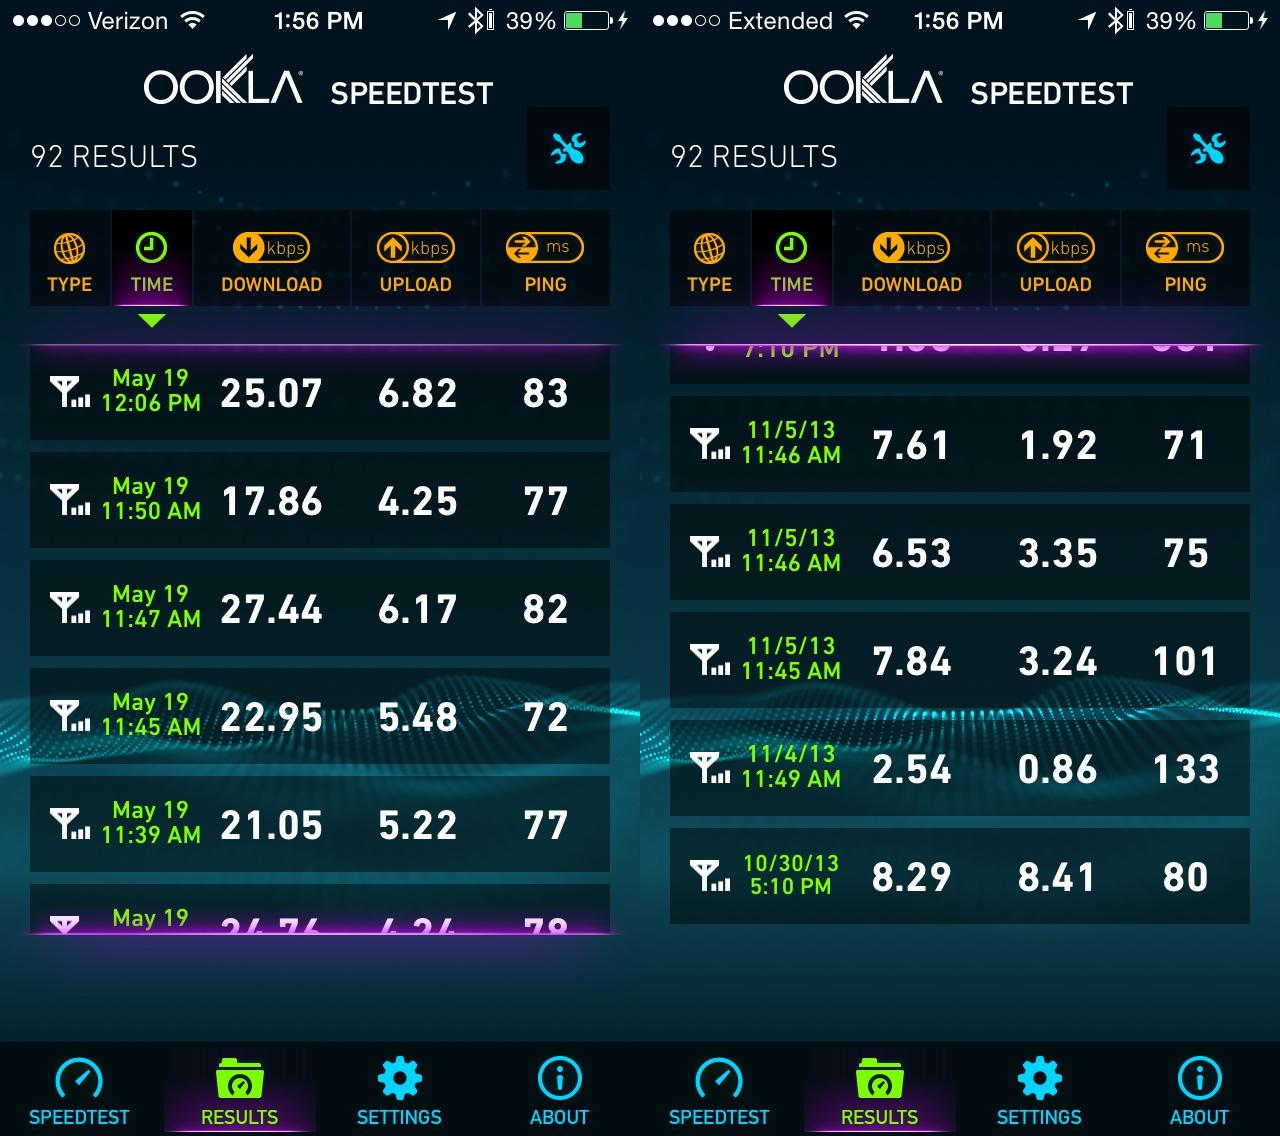 Verizon XLTE Speedtest Video: XLTE vs AT&T 4G LTE